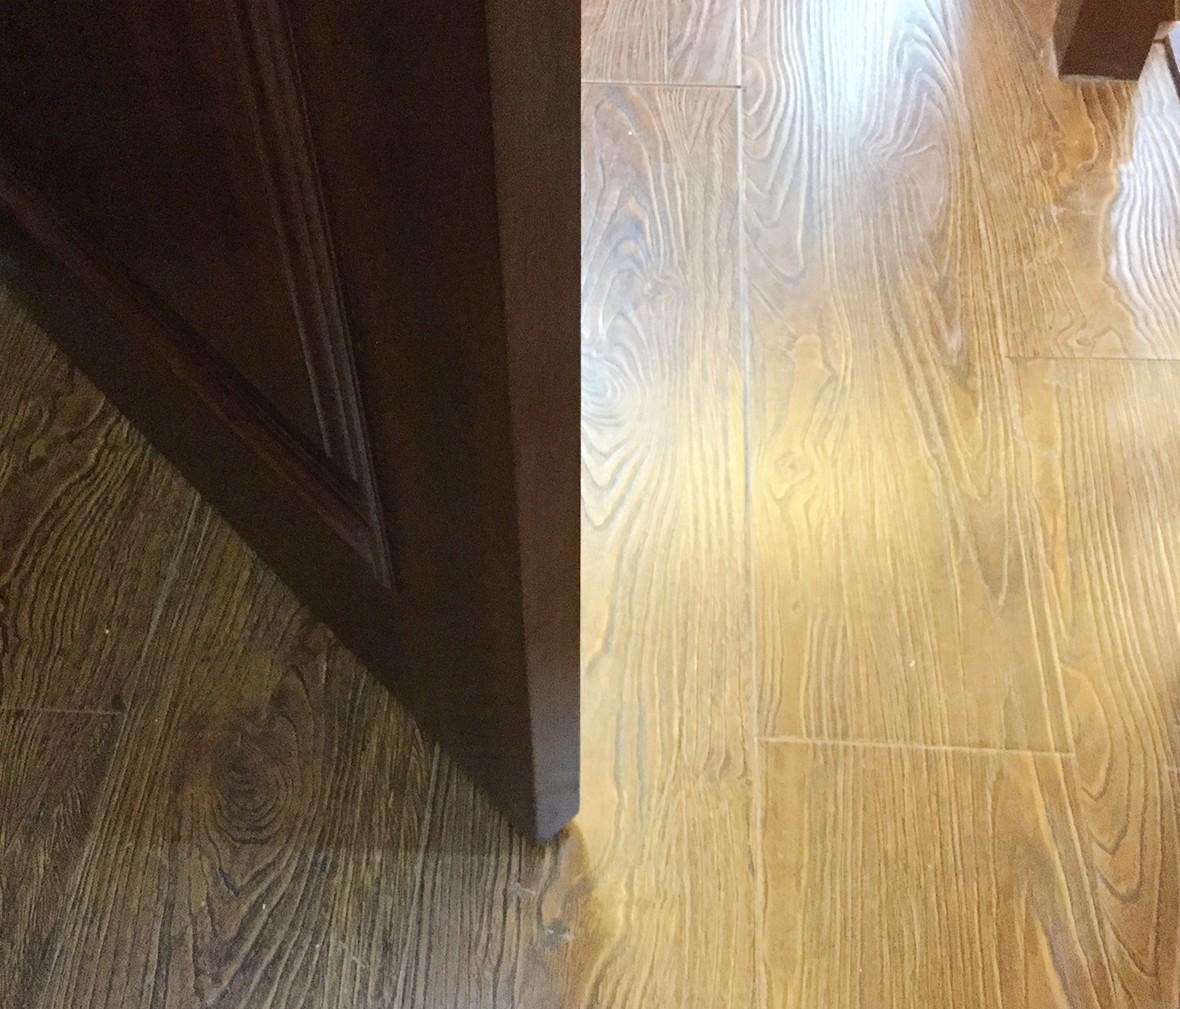 大自然木门 DZR-12型号实木木门 腰板雕花门平口门  商品细节